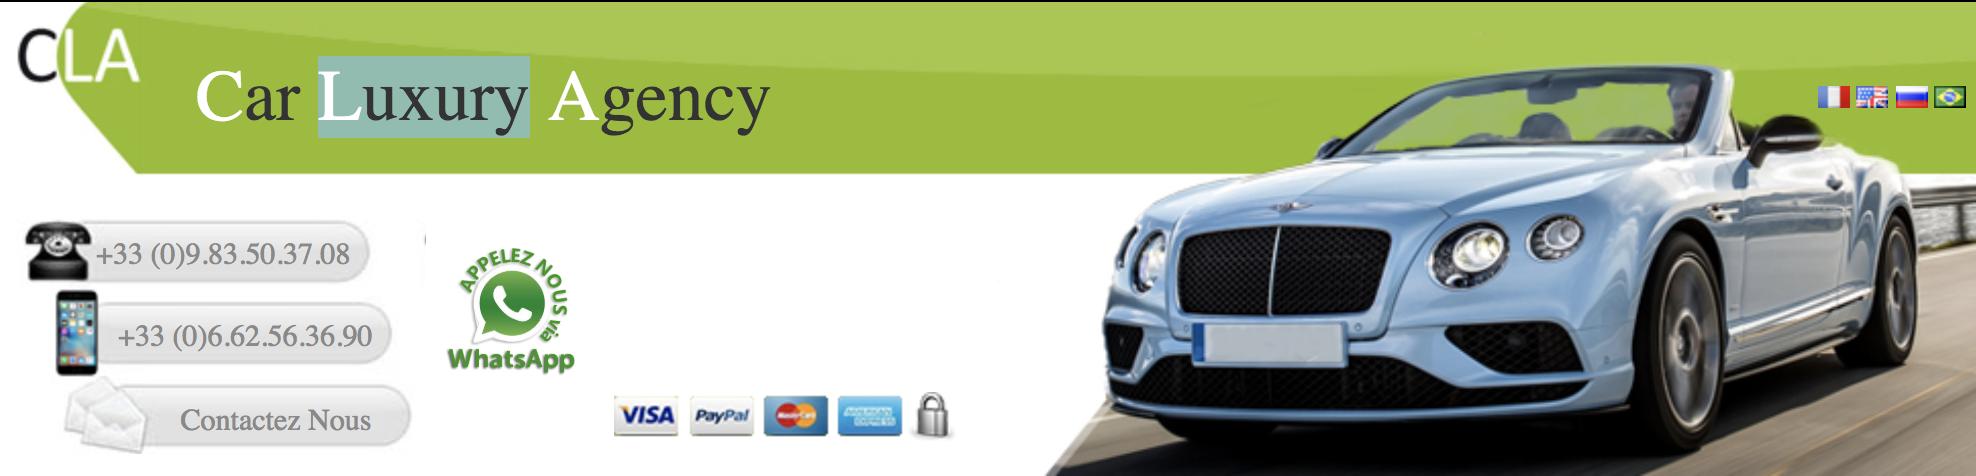 Pourquoi louer chez Car Luxury Agency ?